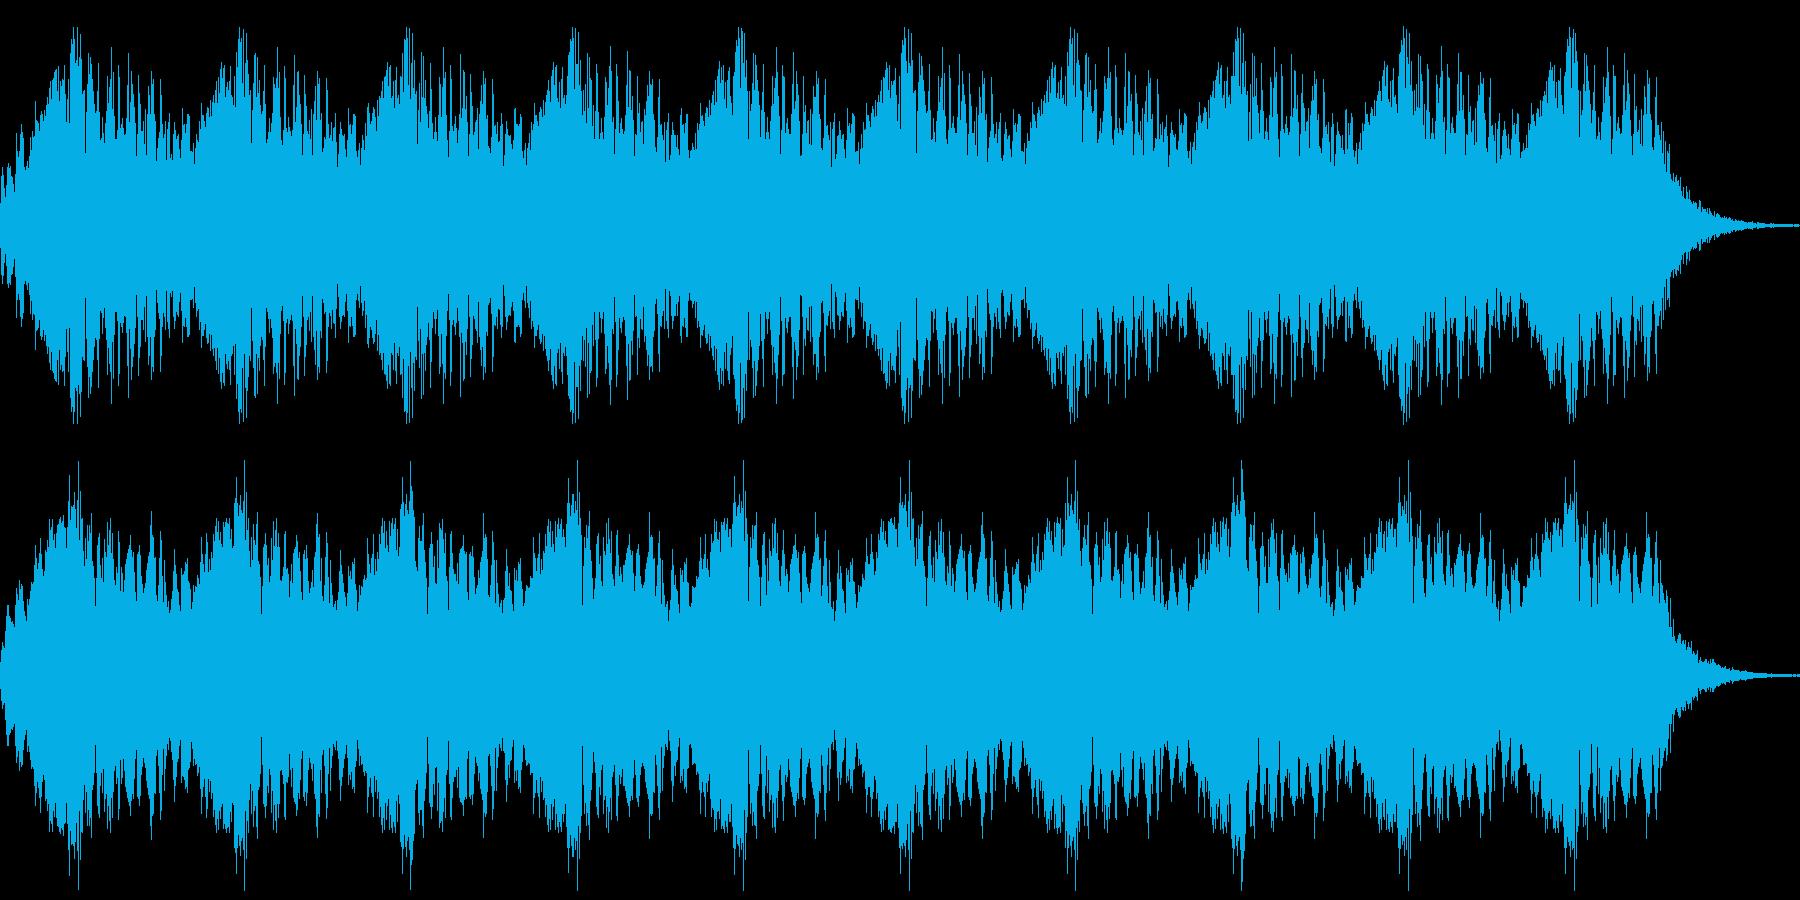 サイレンのループの再生済みの波形